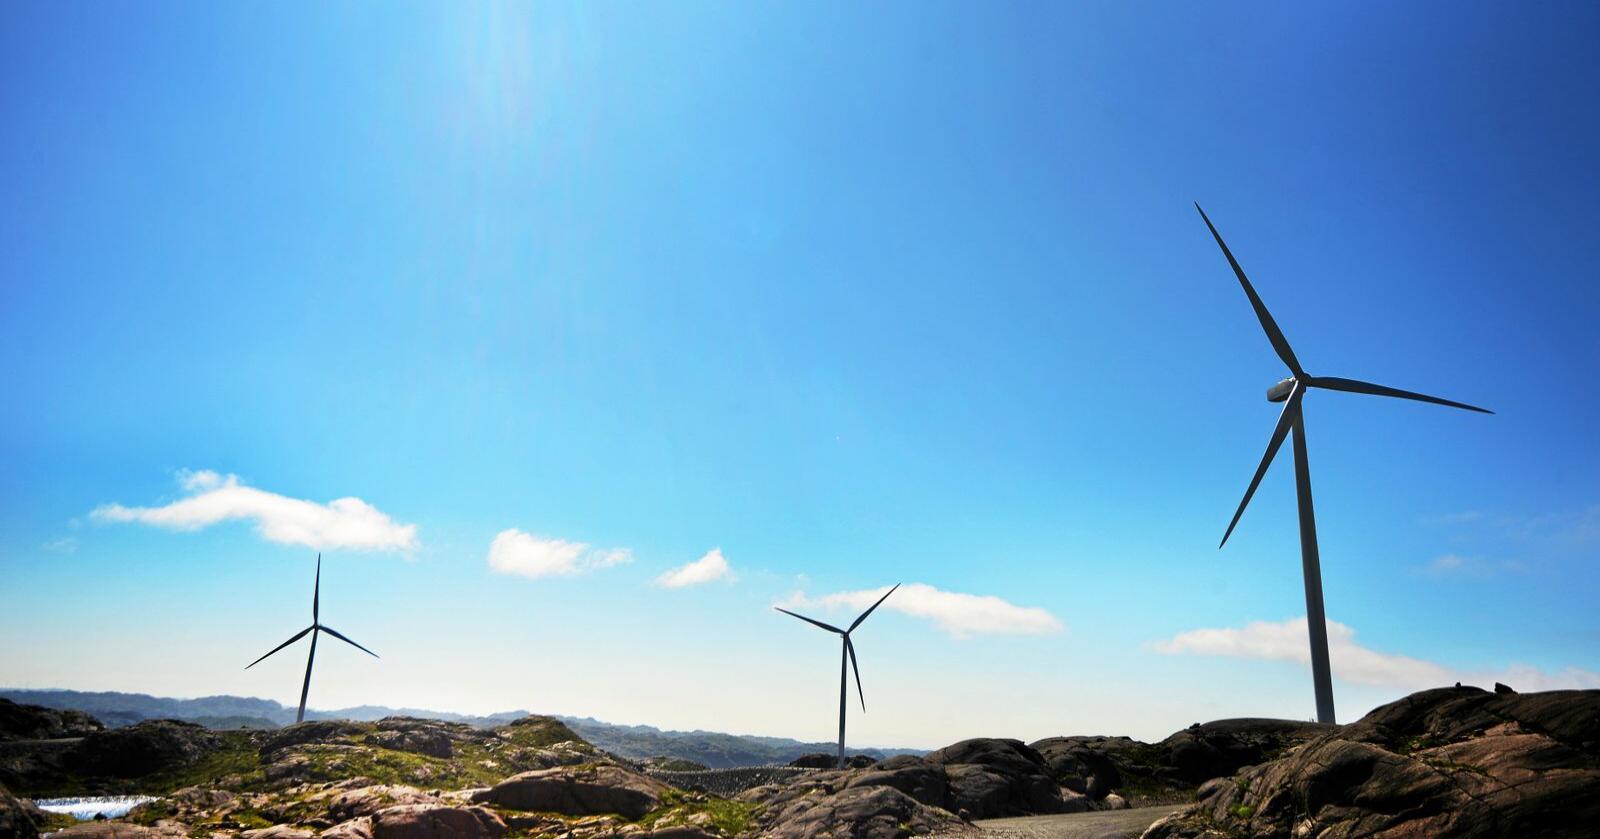 Vindkraft: Norge kan bidra til utfasing av fossilkraft. Foto: Siri Juell Rasmussen